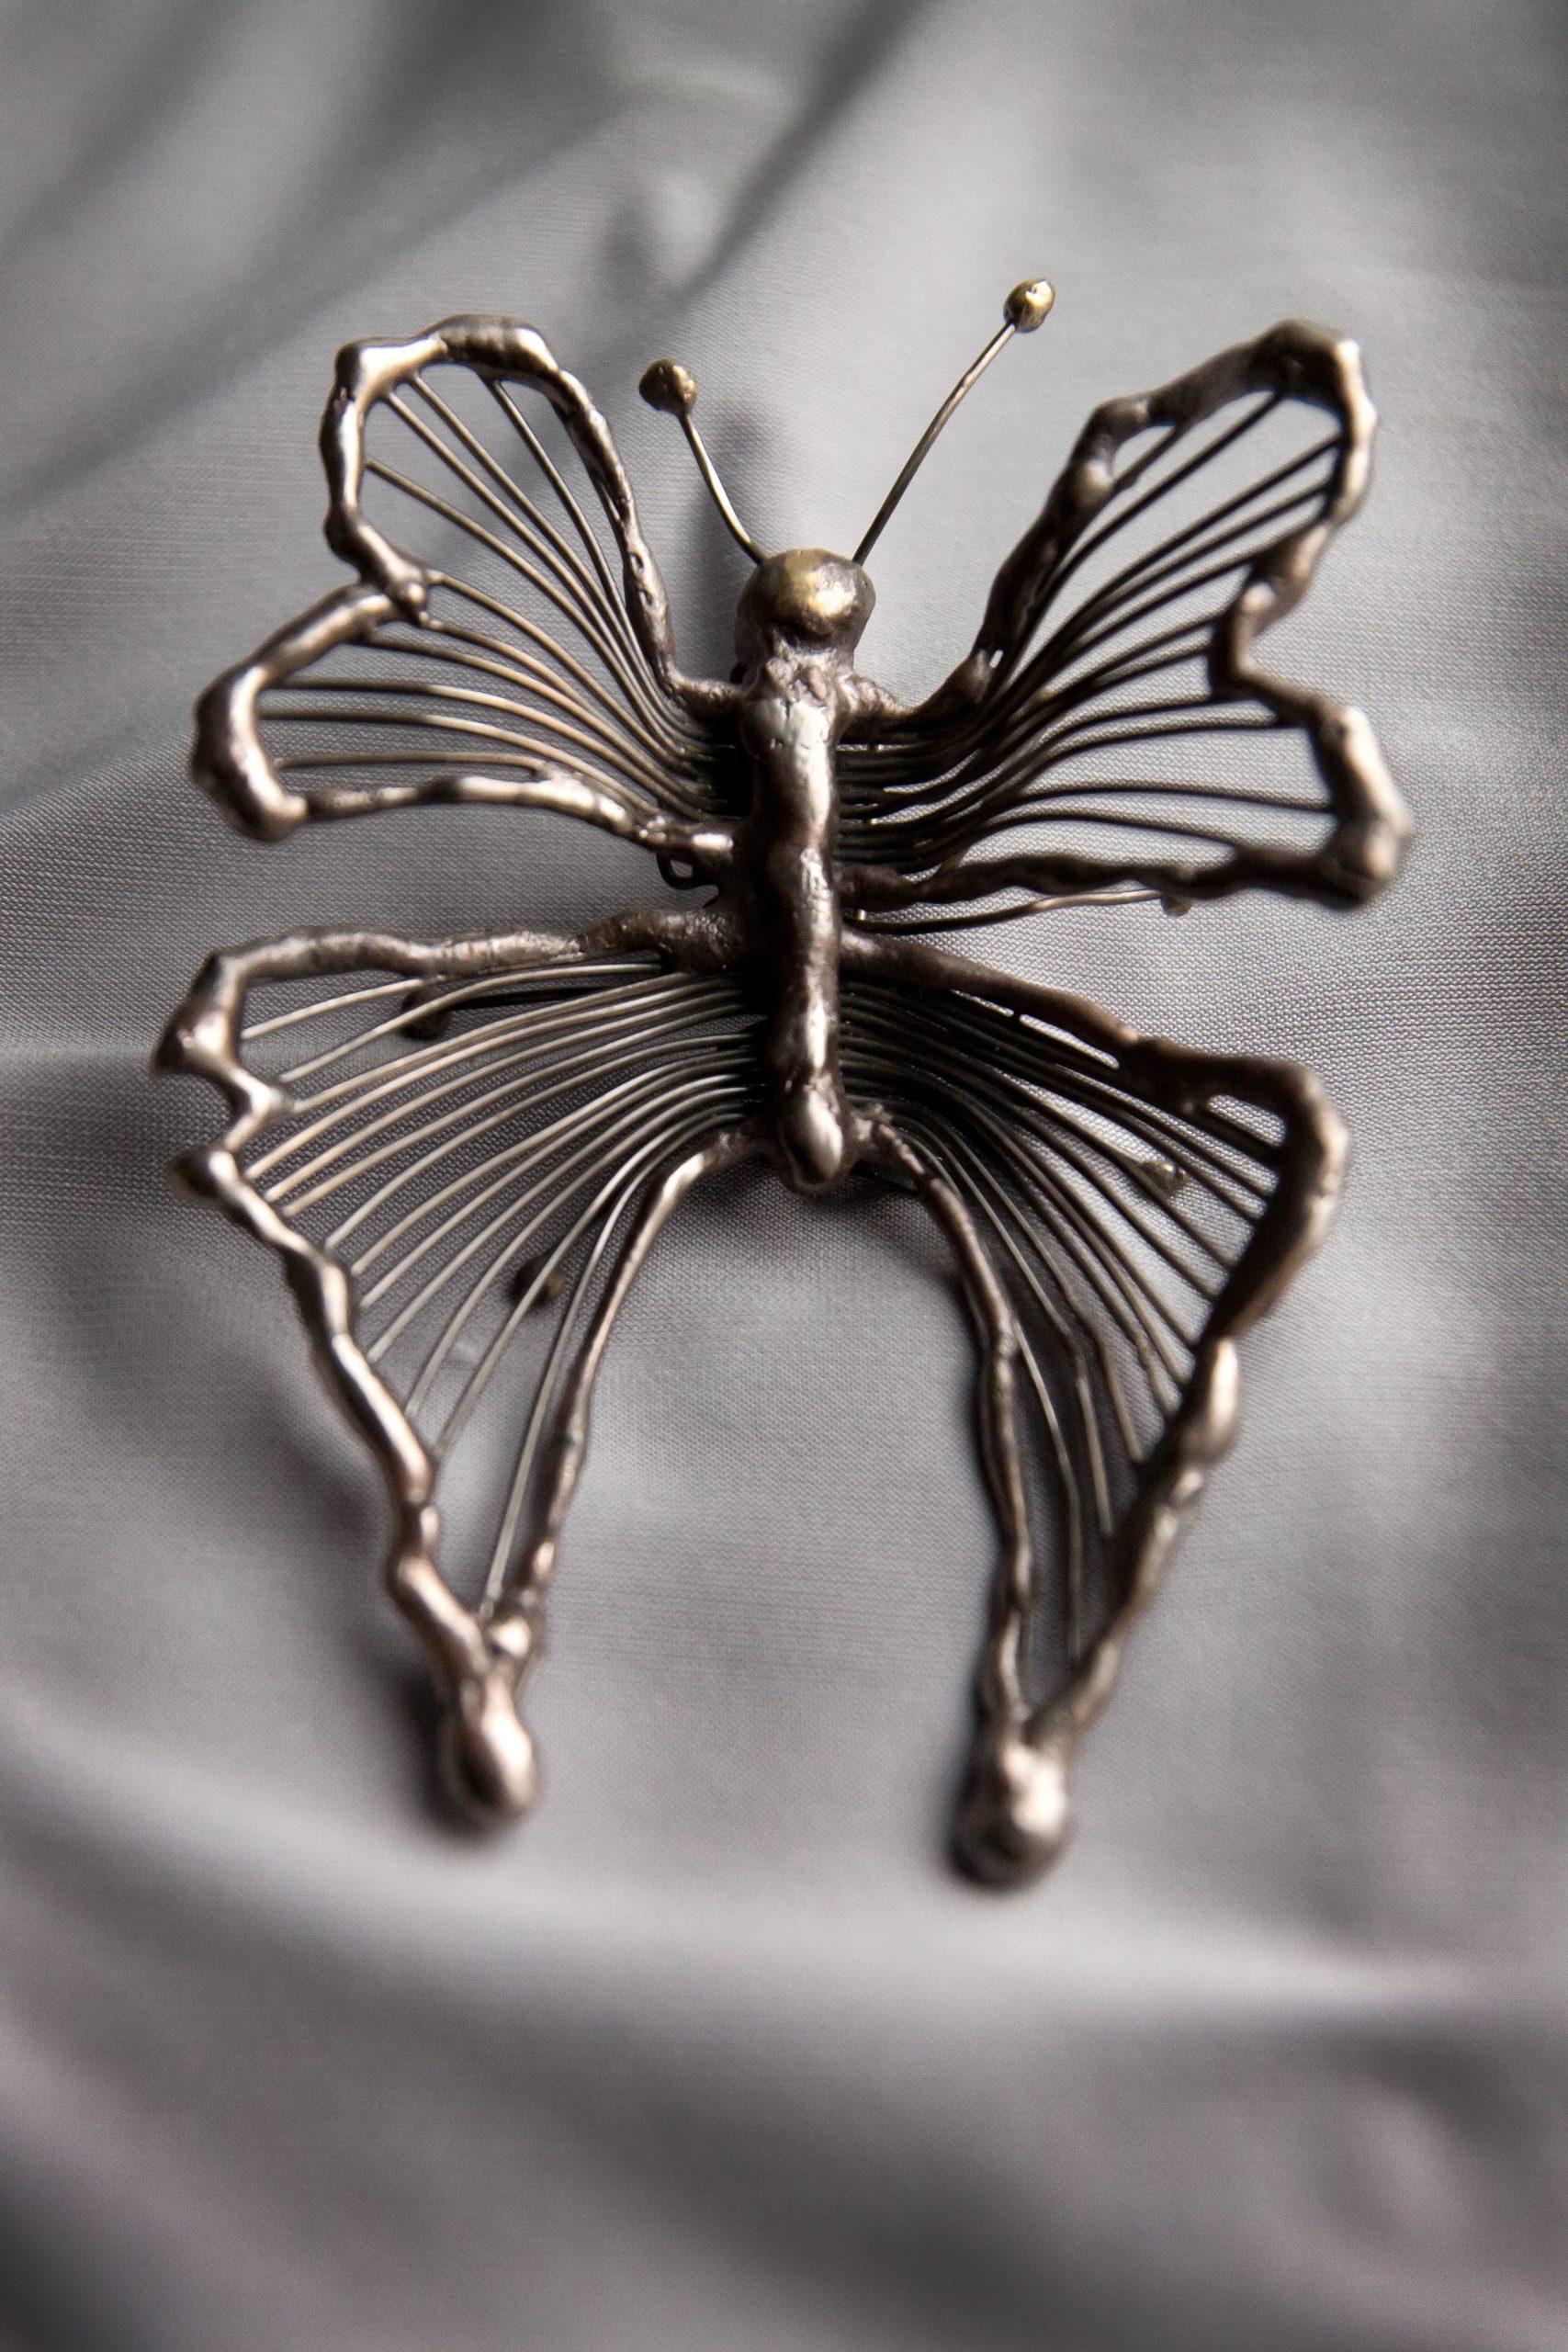 Unikatowa biżuteria artystyczna